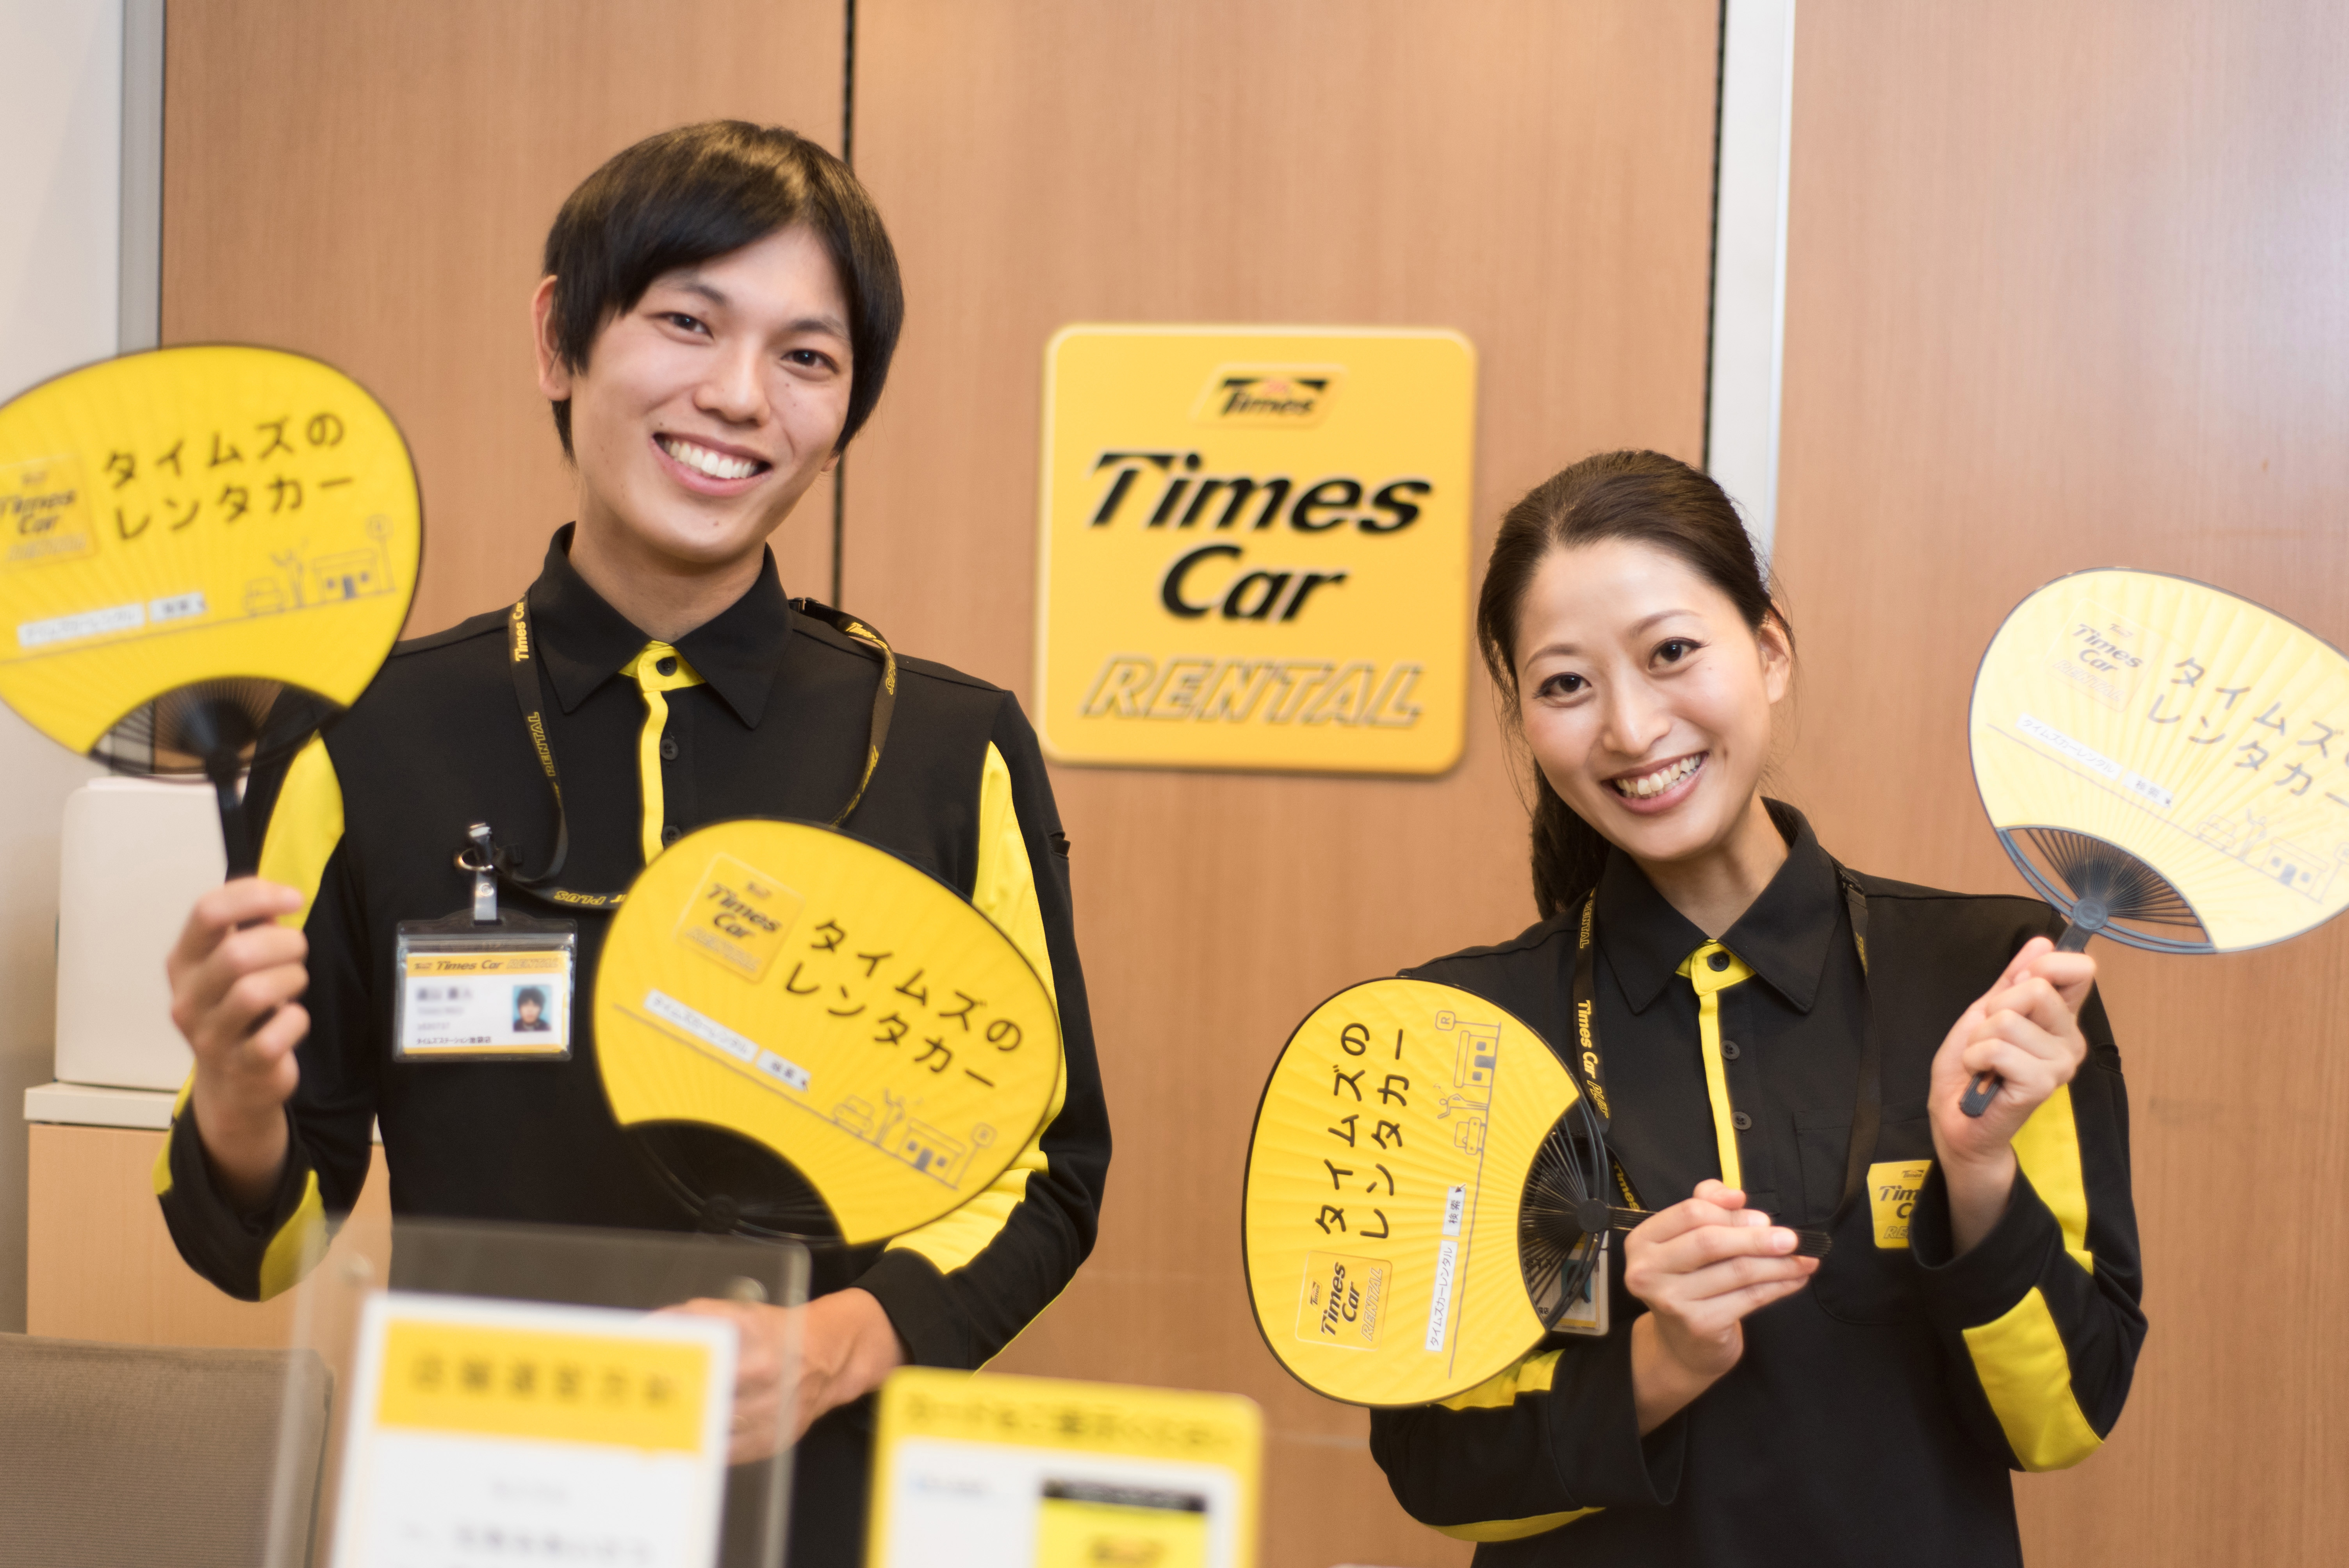 タイムズカーレンタル 福山駅西店 のアルバイト情報